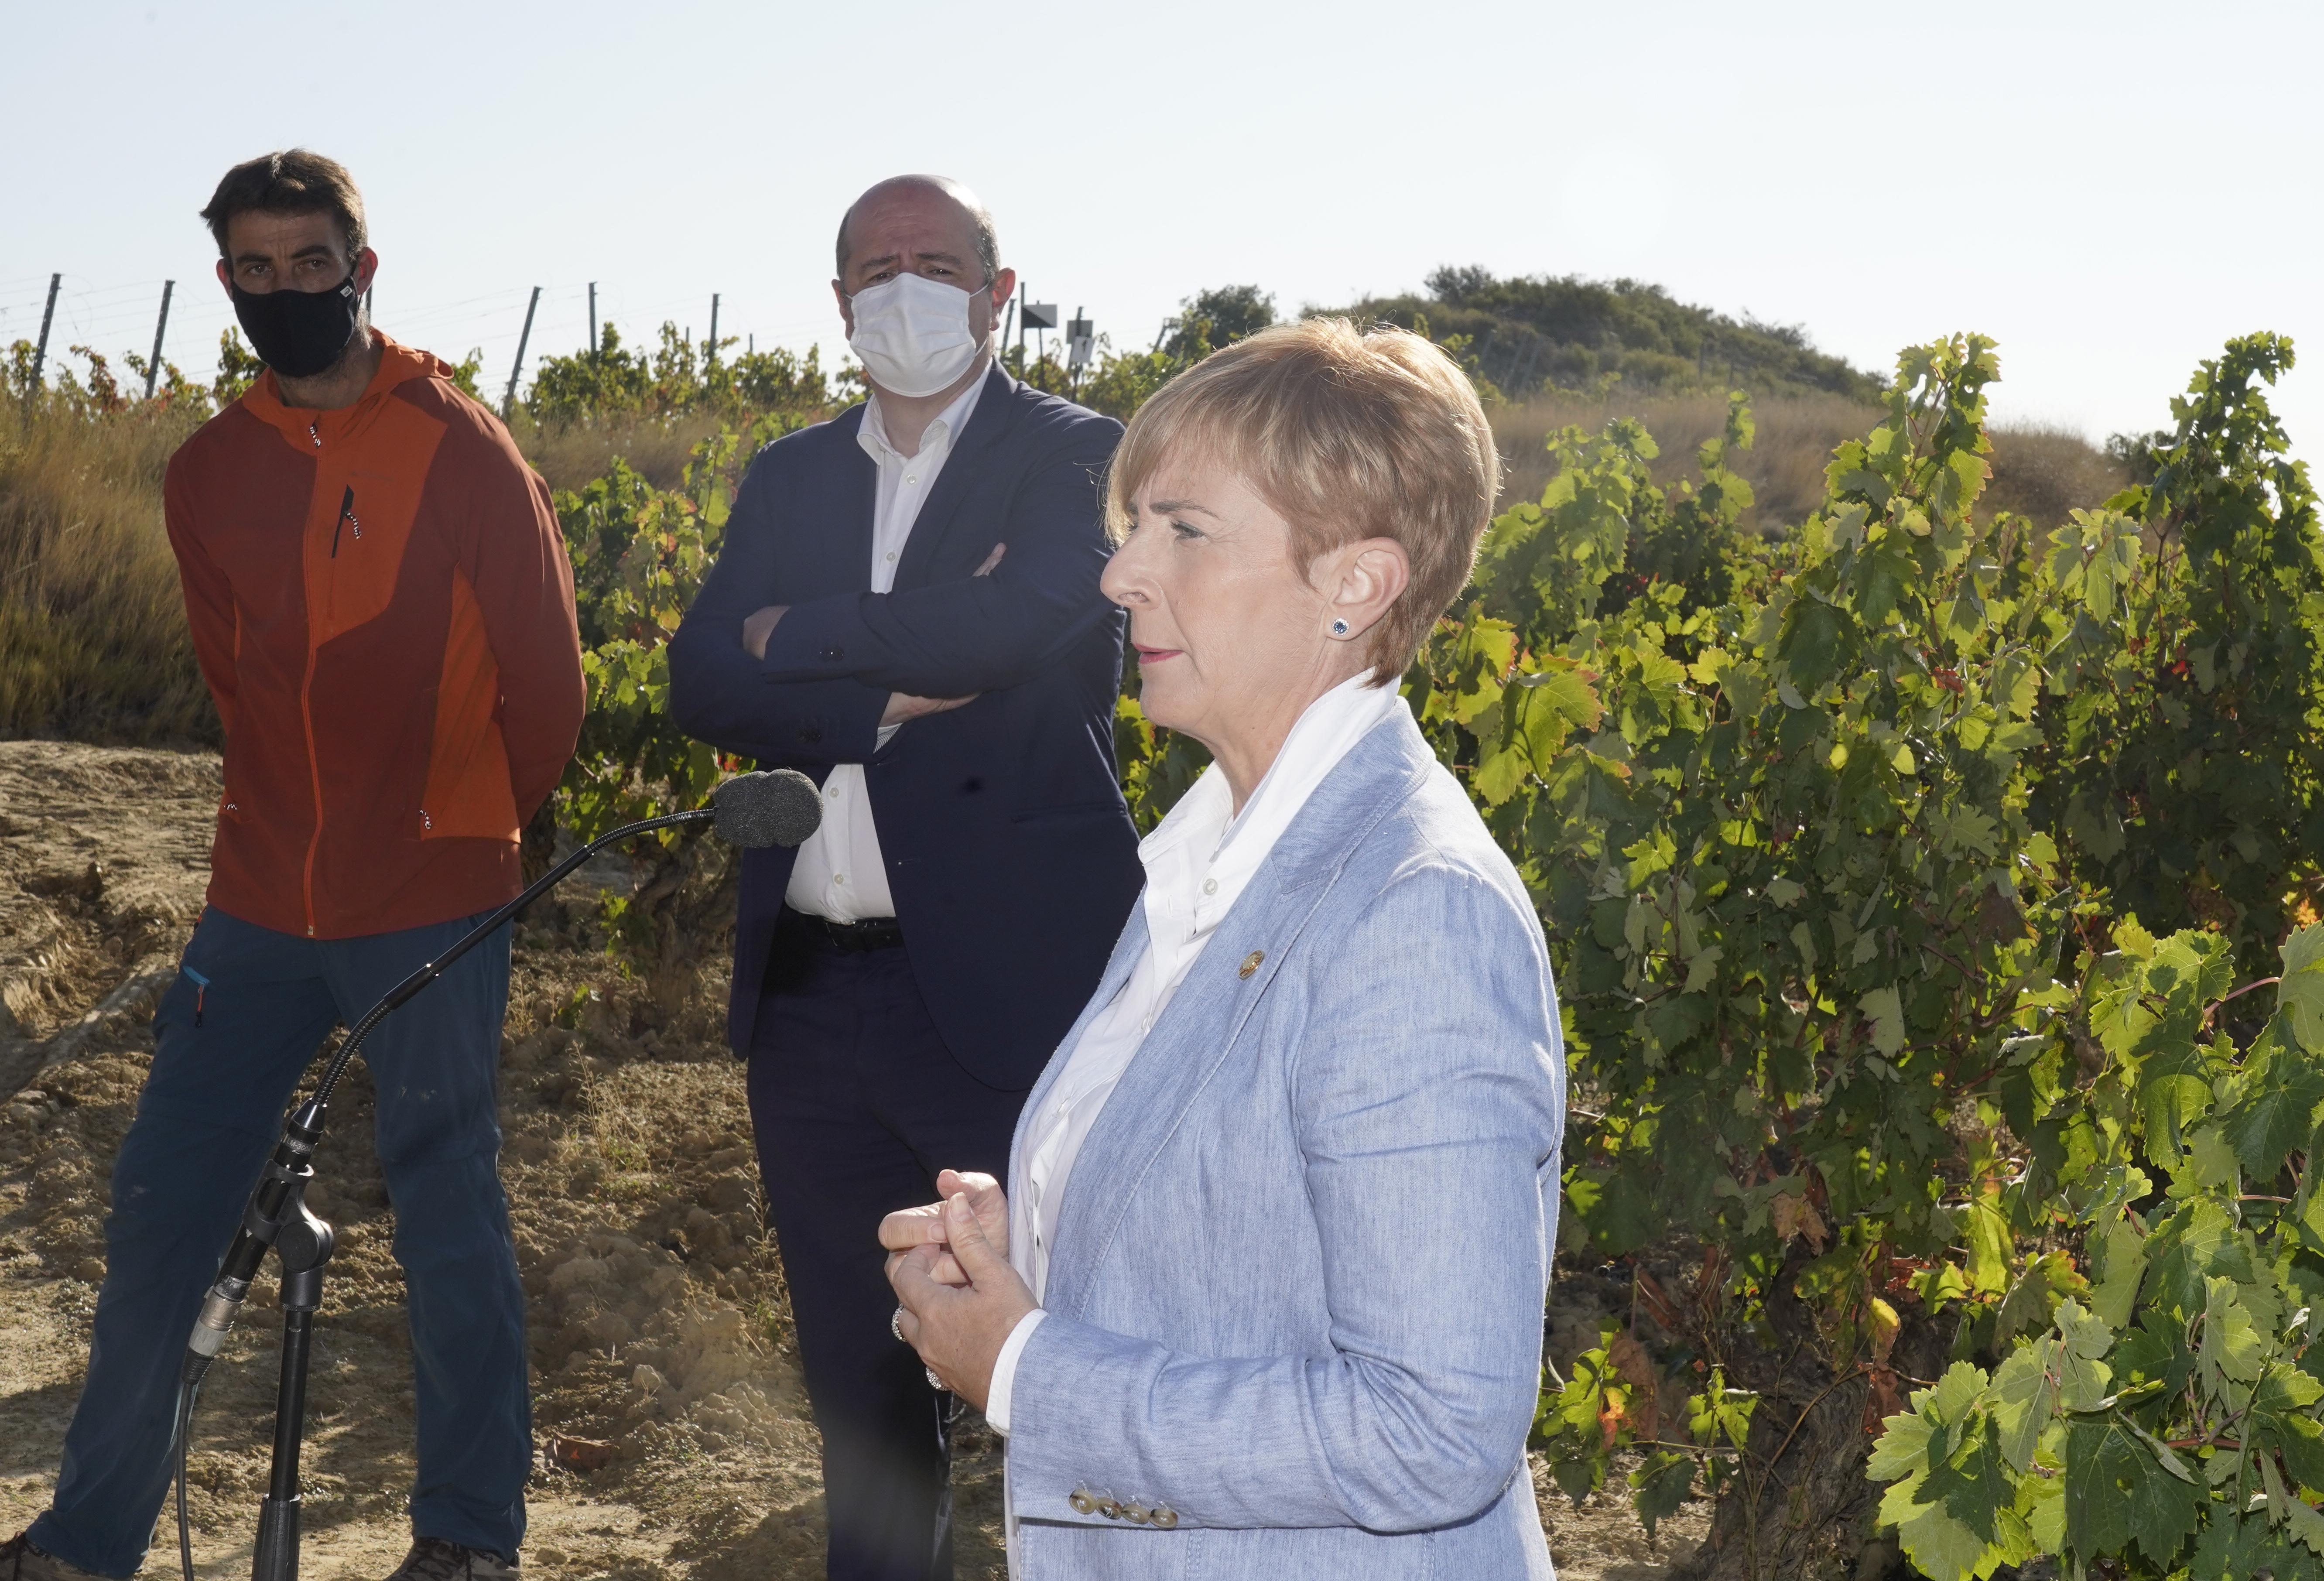 La_consejera_de_Desarrollo_Econ_mico__Sostenibilidad_y_Medio_Ambiente__Arantxa_Tapia__visita_la_Rioja_alavesa_con_motivo_de_la_campa_a_de_la_vendimia20200929_5658.jpg